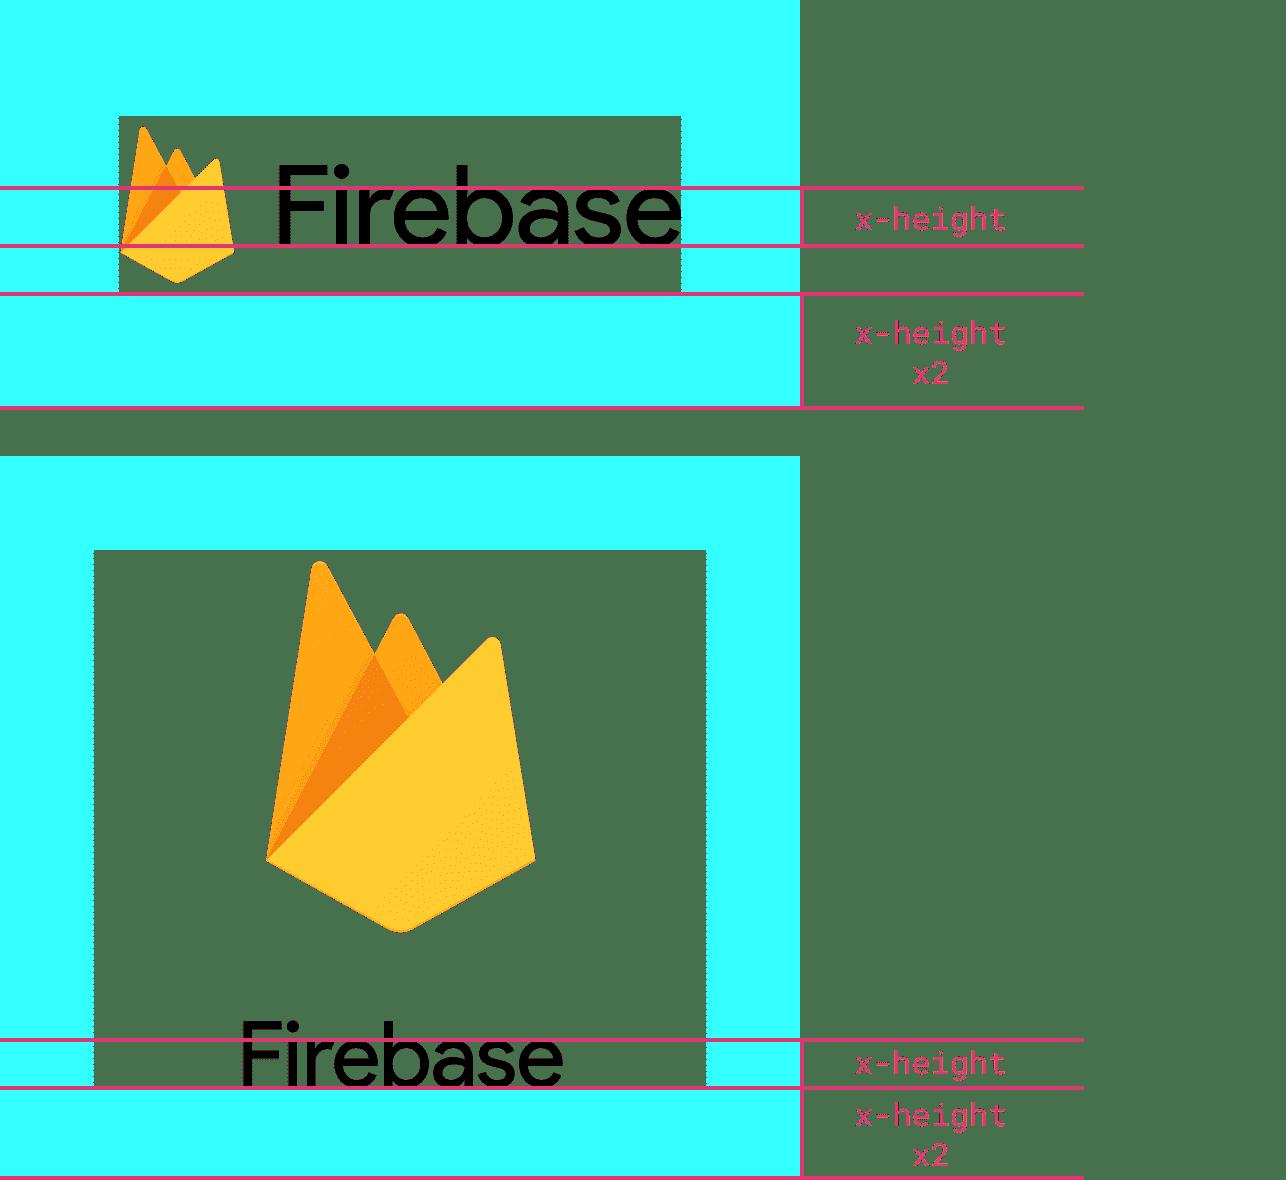 Firebase przykłady logo z co najmniej dwukrotnie wysokość logo